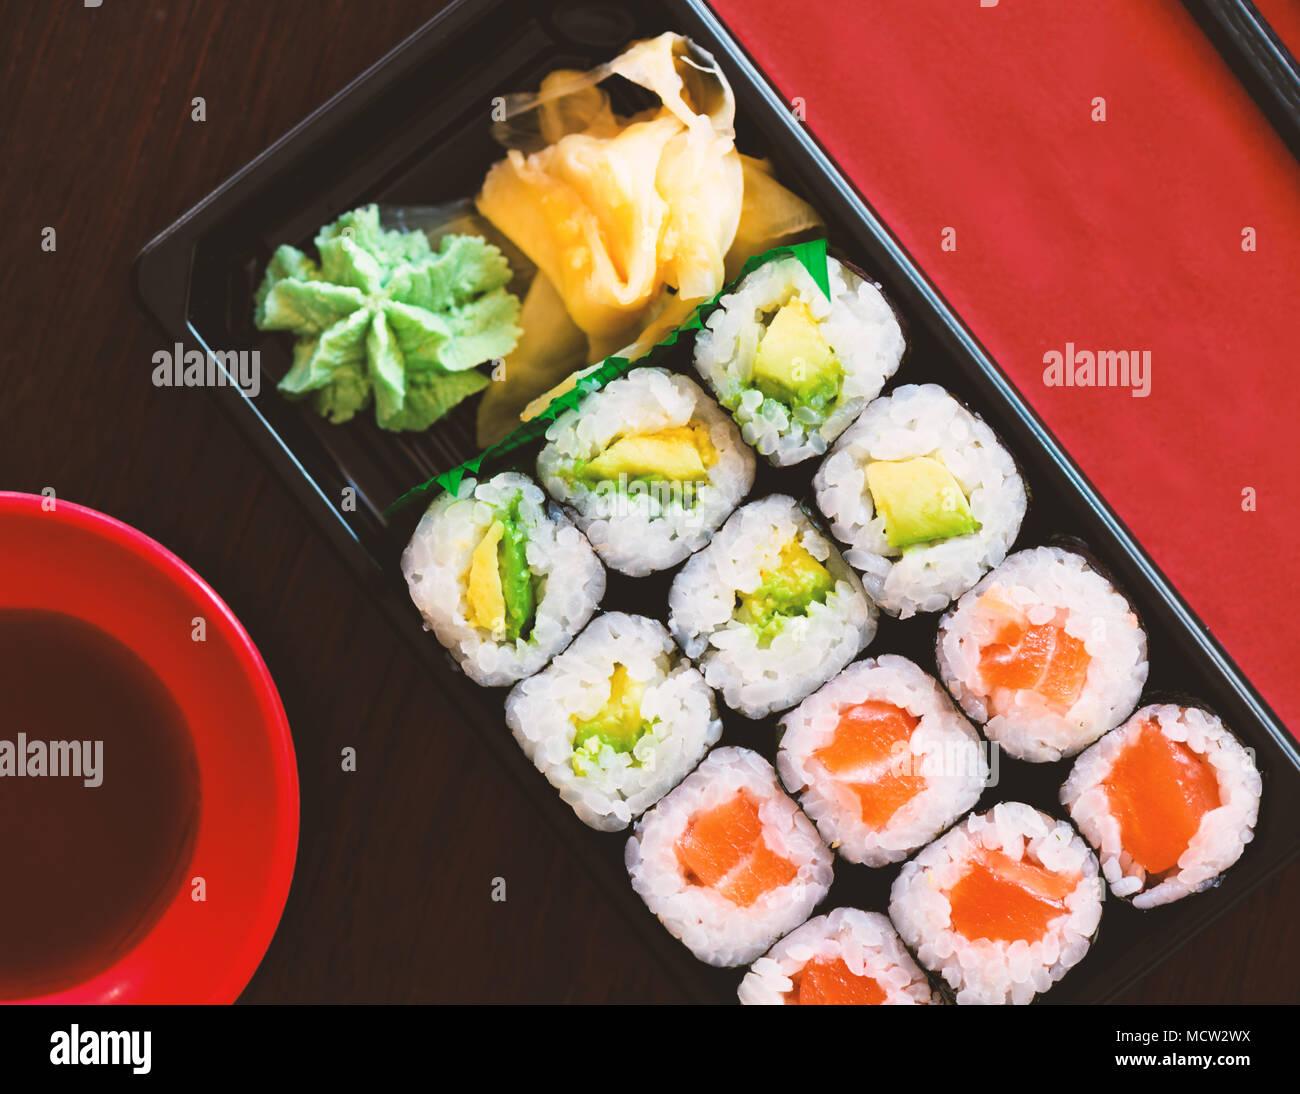 De Markgrave fort avec maki et nigiri et Rouleaux Calofornia withSalmon et le thon. Servi dans une boîte à emporter au gingembre et Wasabi. Set à Sushi Photo Stock